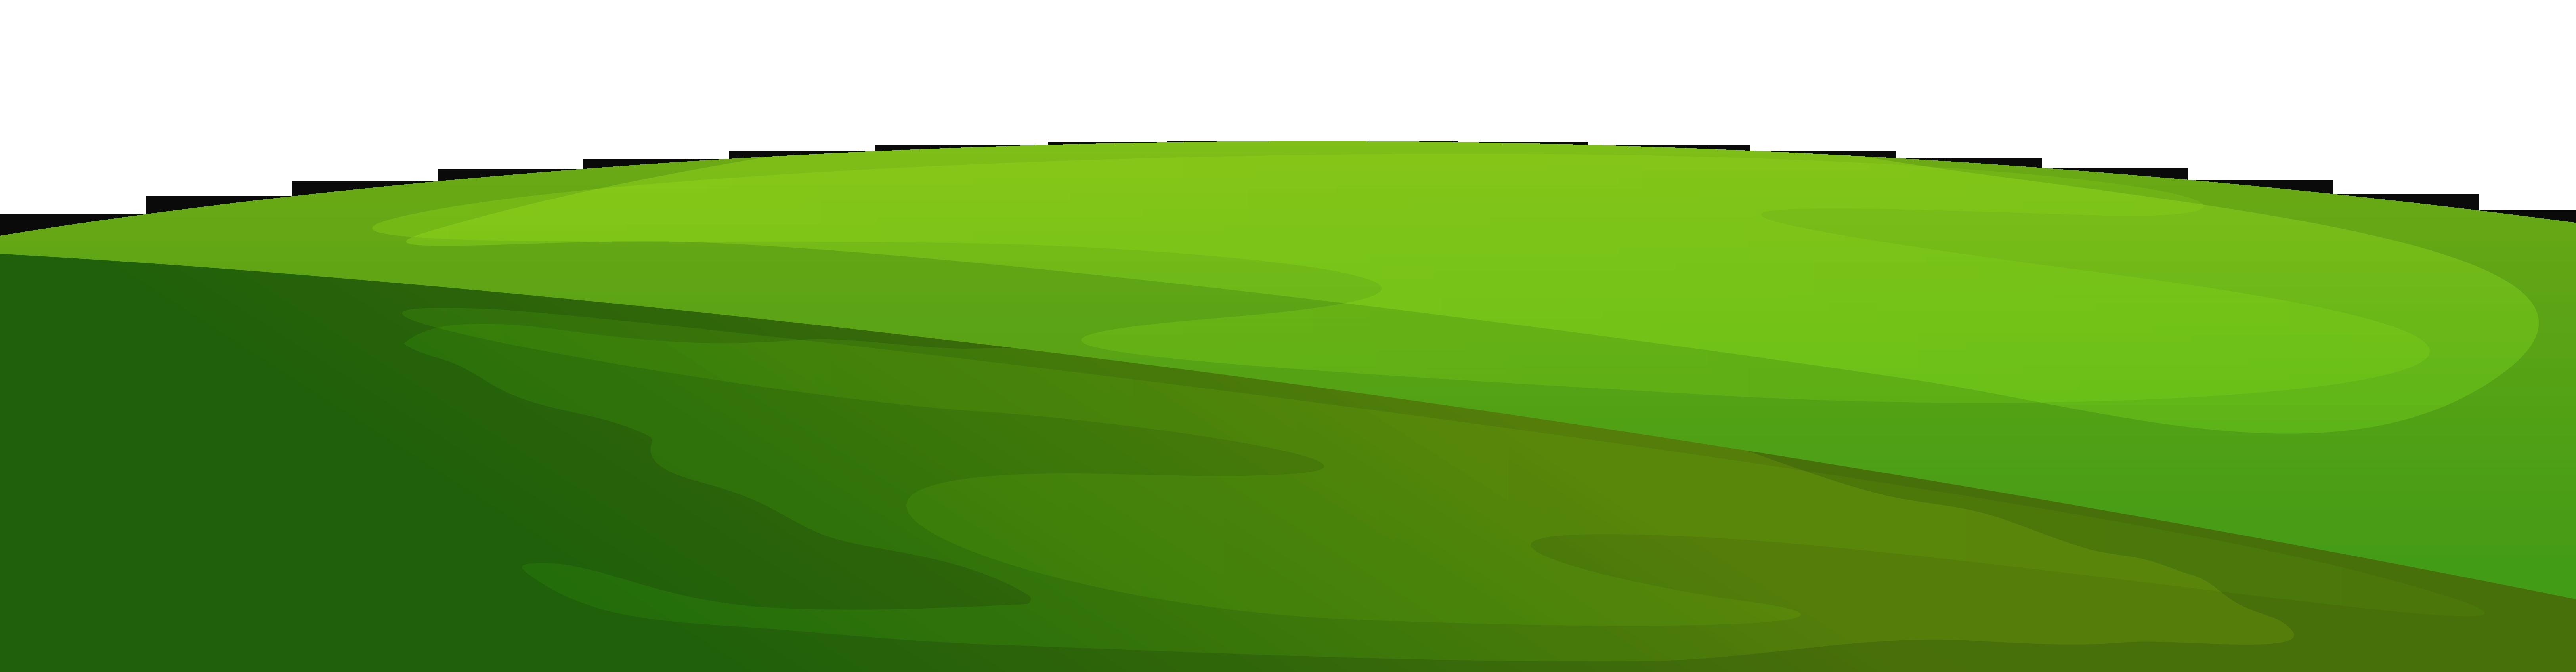 Clipart grass ground. Green png flat pinterest